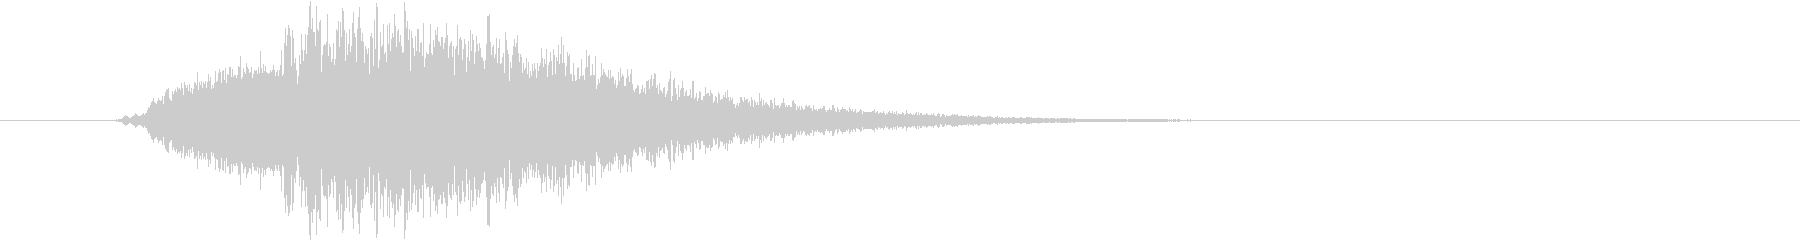 効果音 不思議な音 Aの未再生の波形